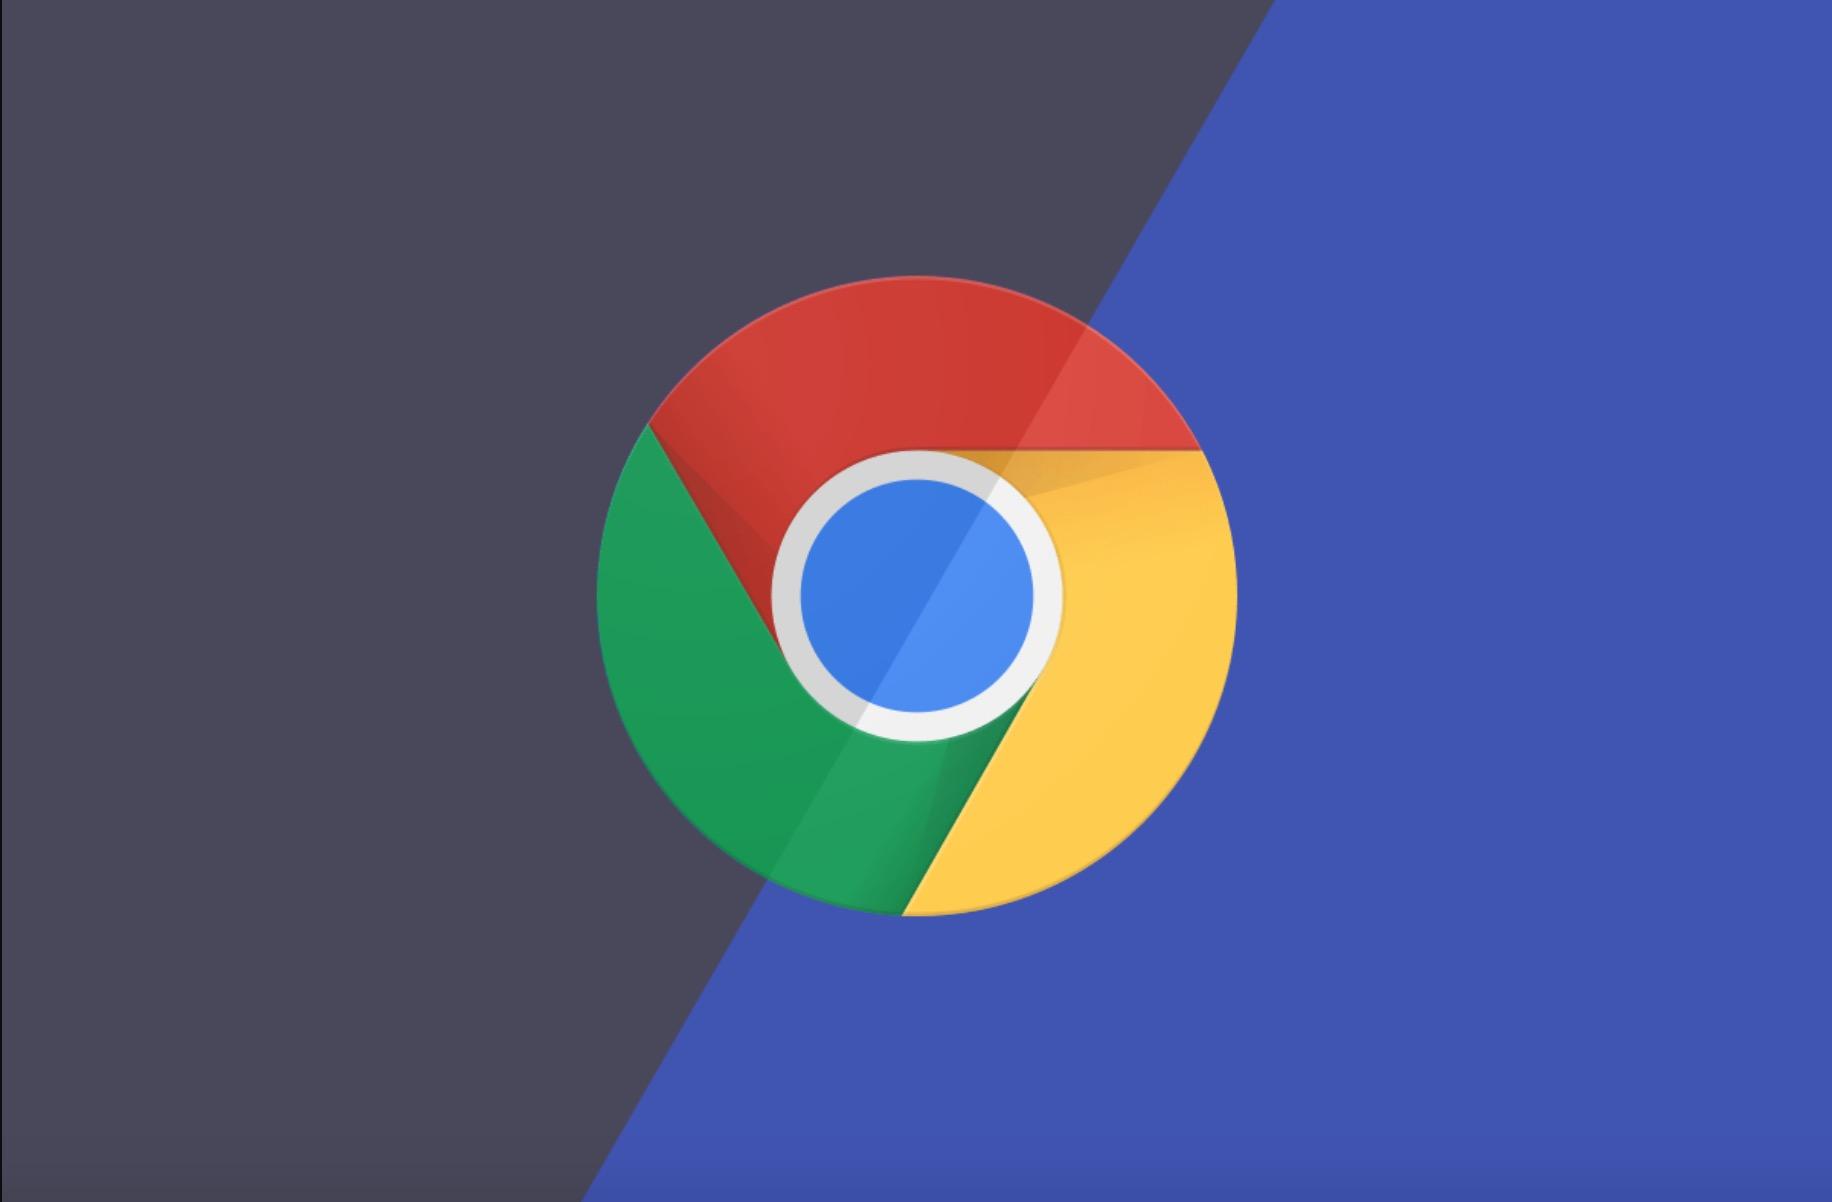 Google Chrome-k irakurketa modua hobetzen du!